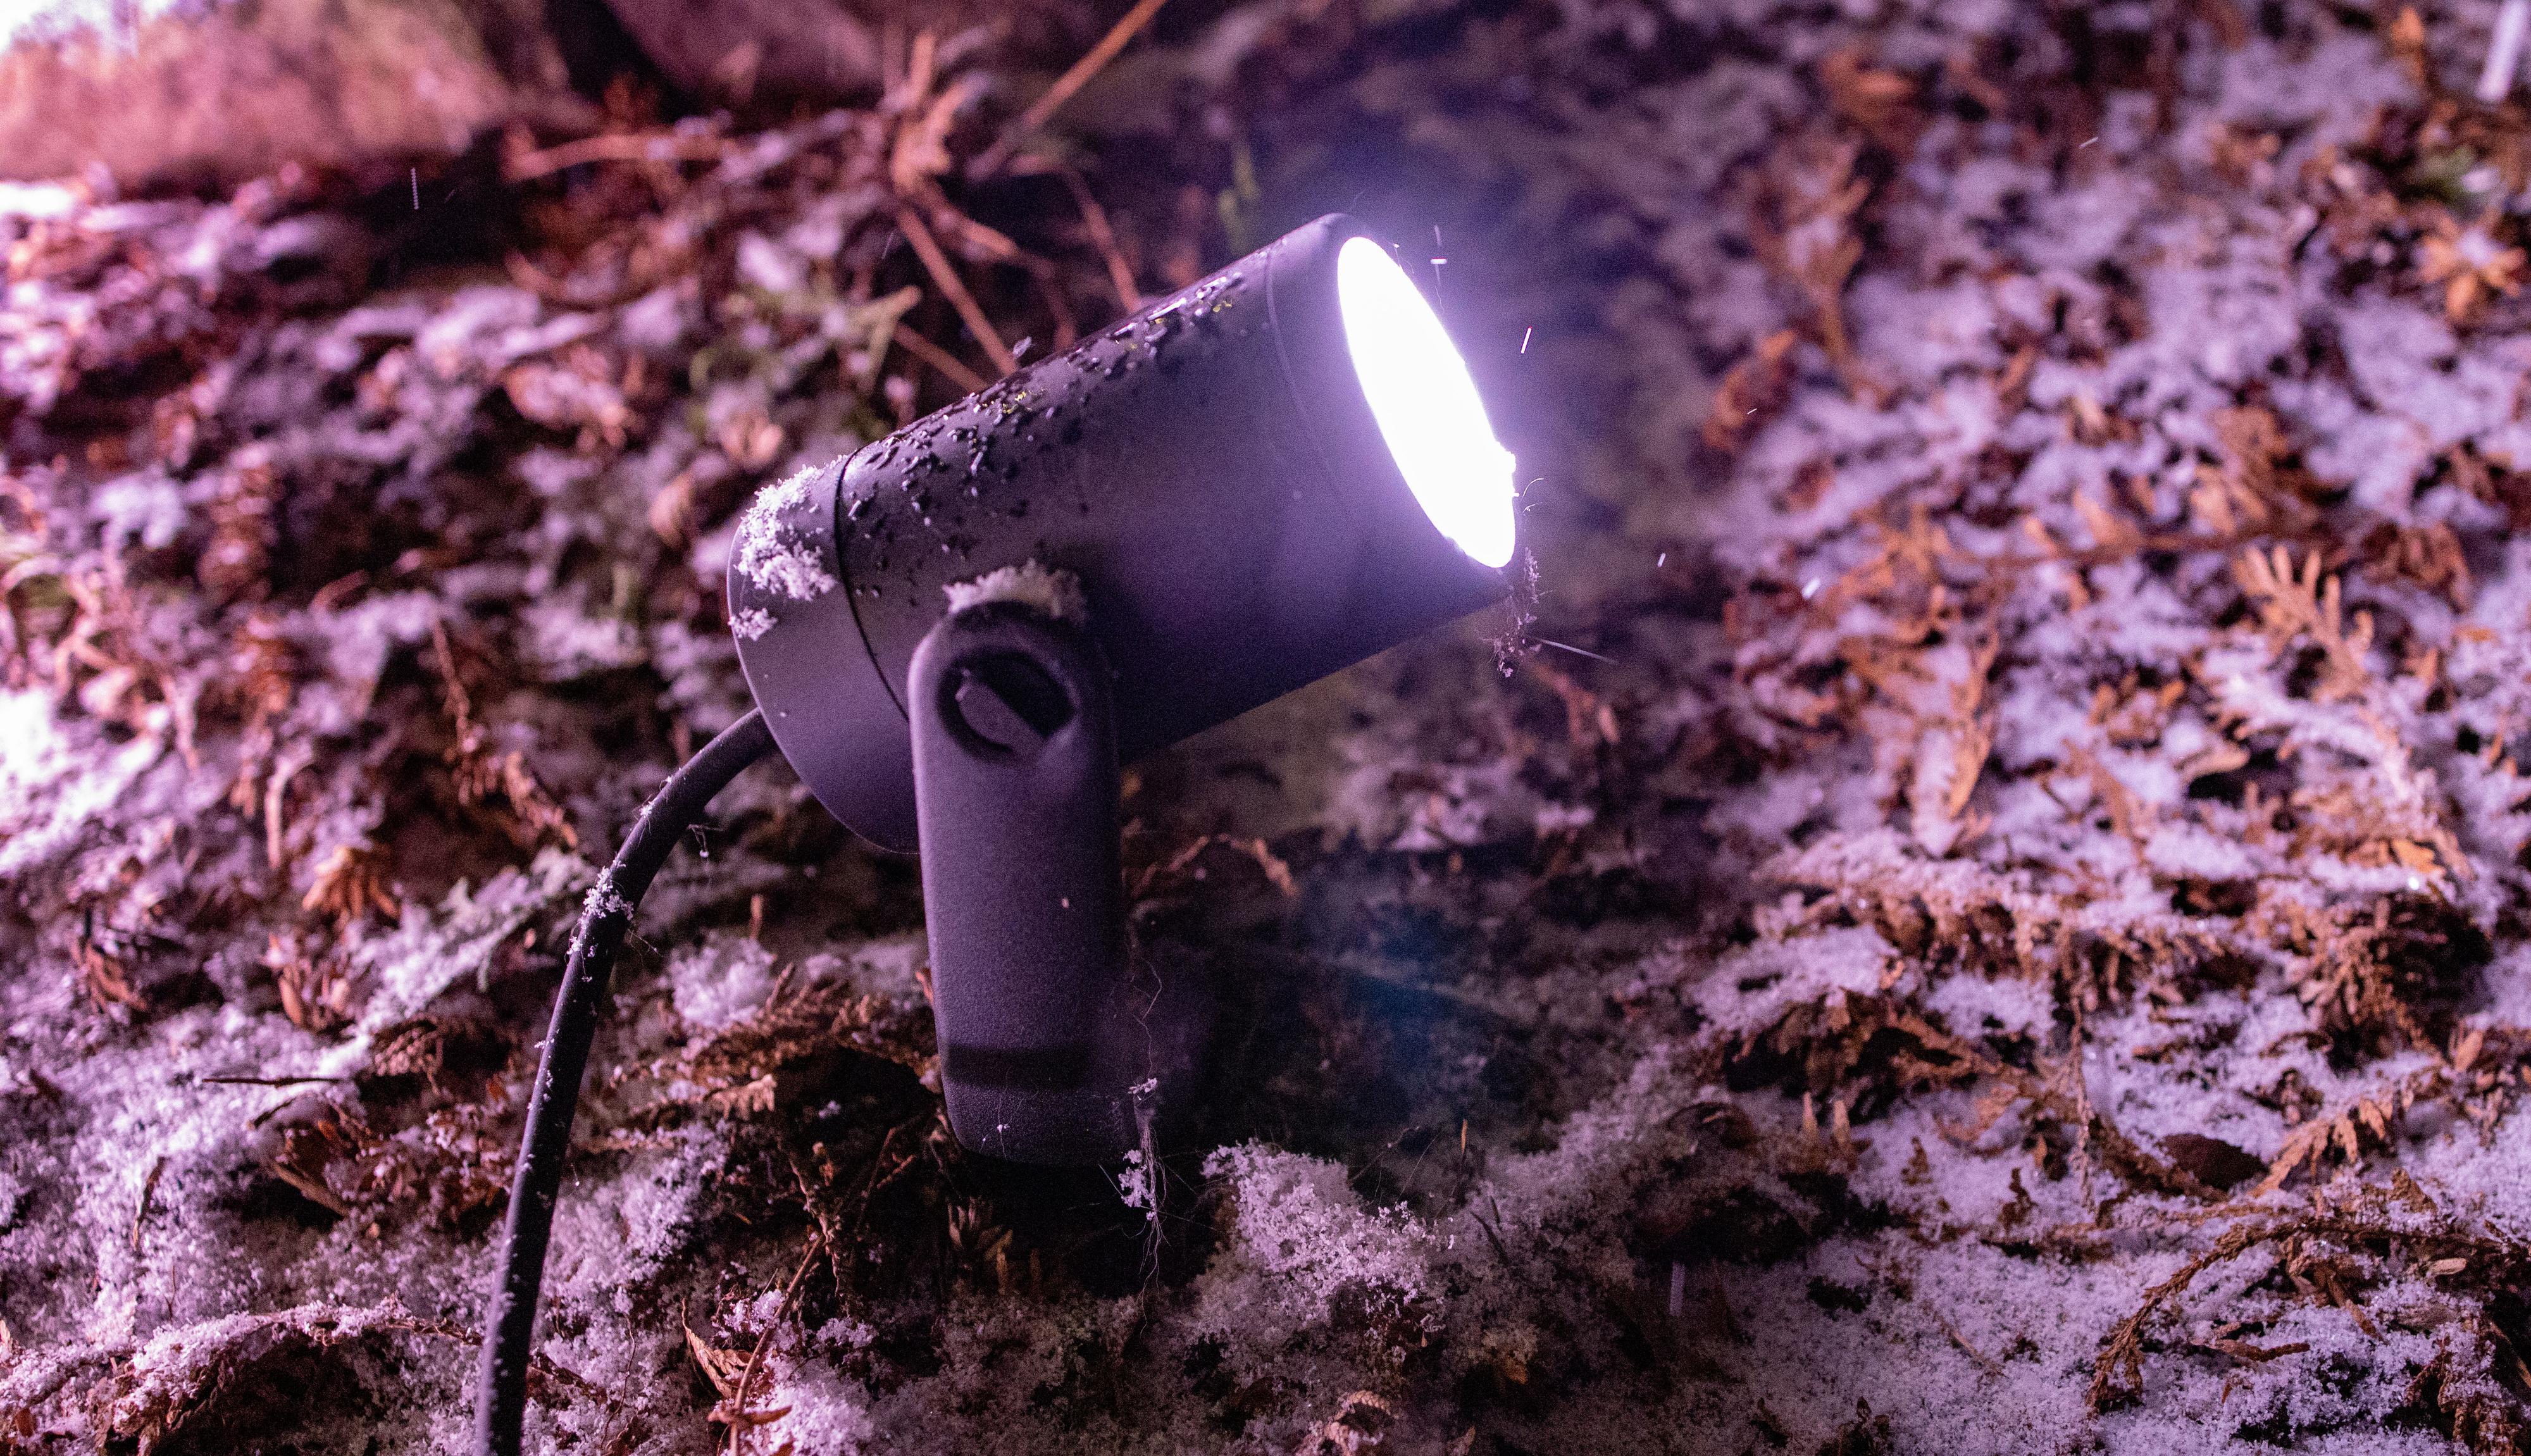 Philips Hue Lily kom i en 3-pakk, men selges også som separate lys.